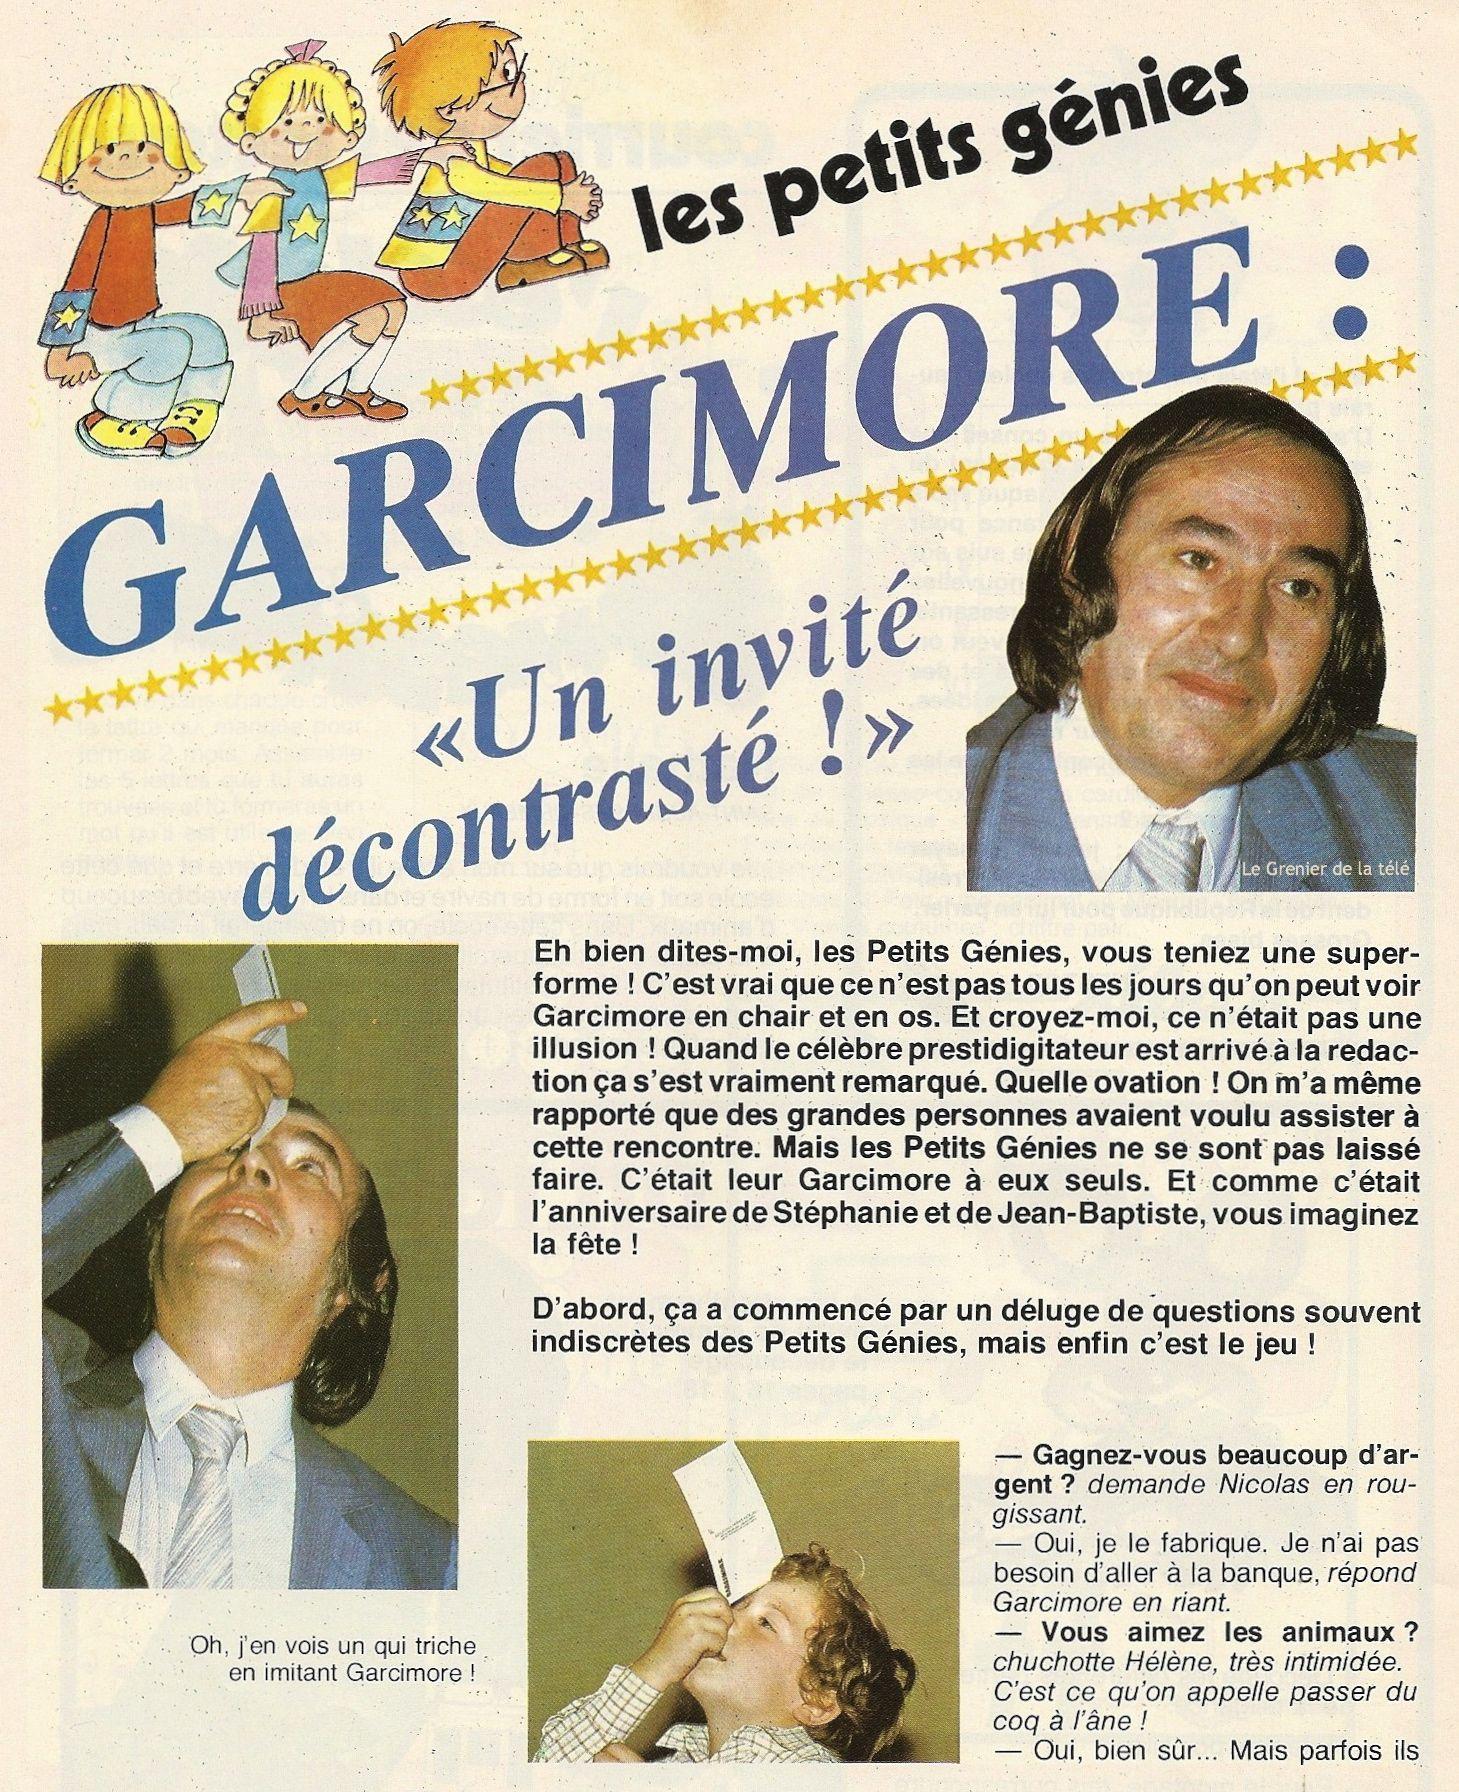 http://grenierdelatv.free.fr/garcimore02.jpg